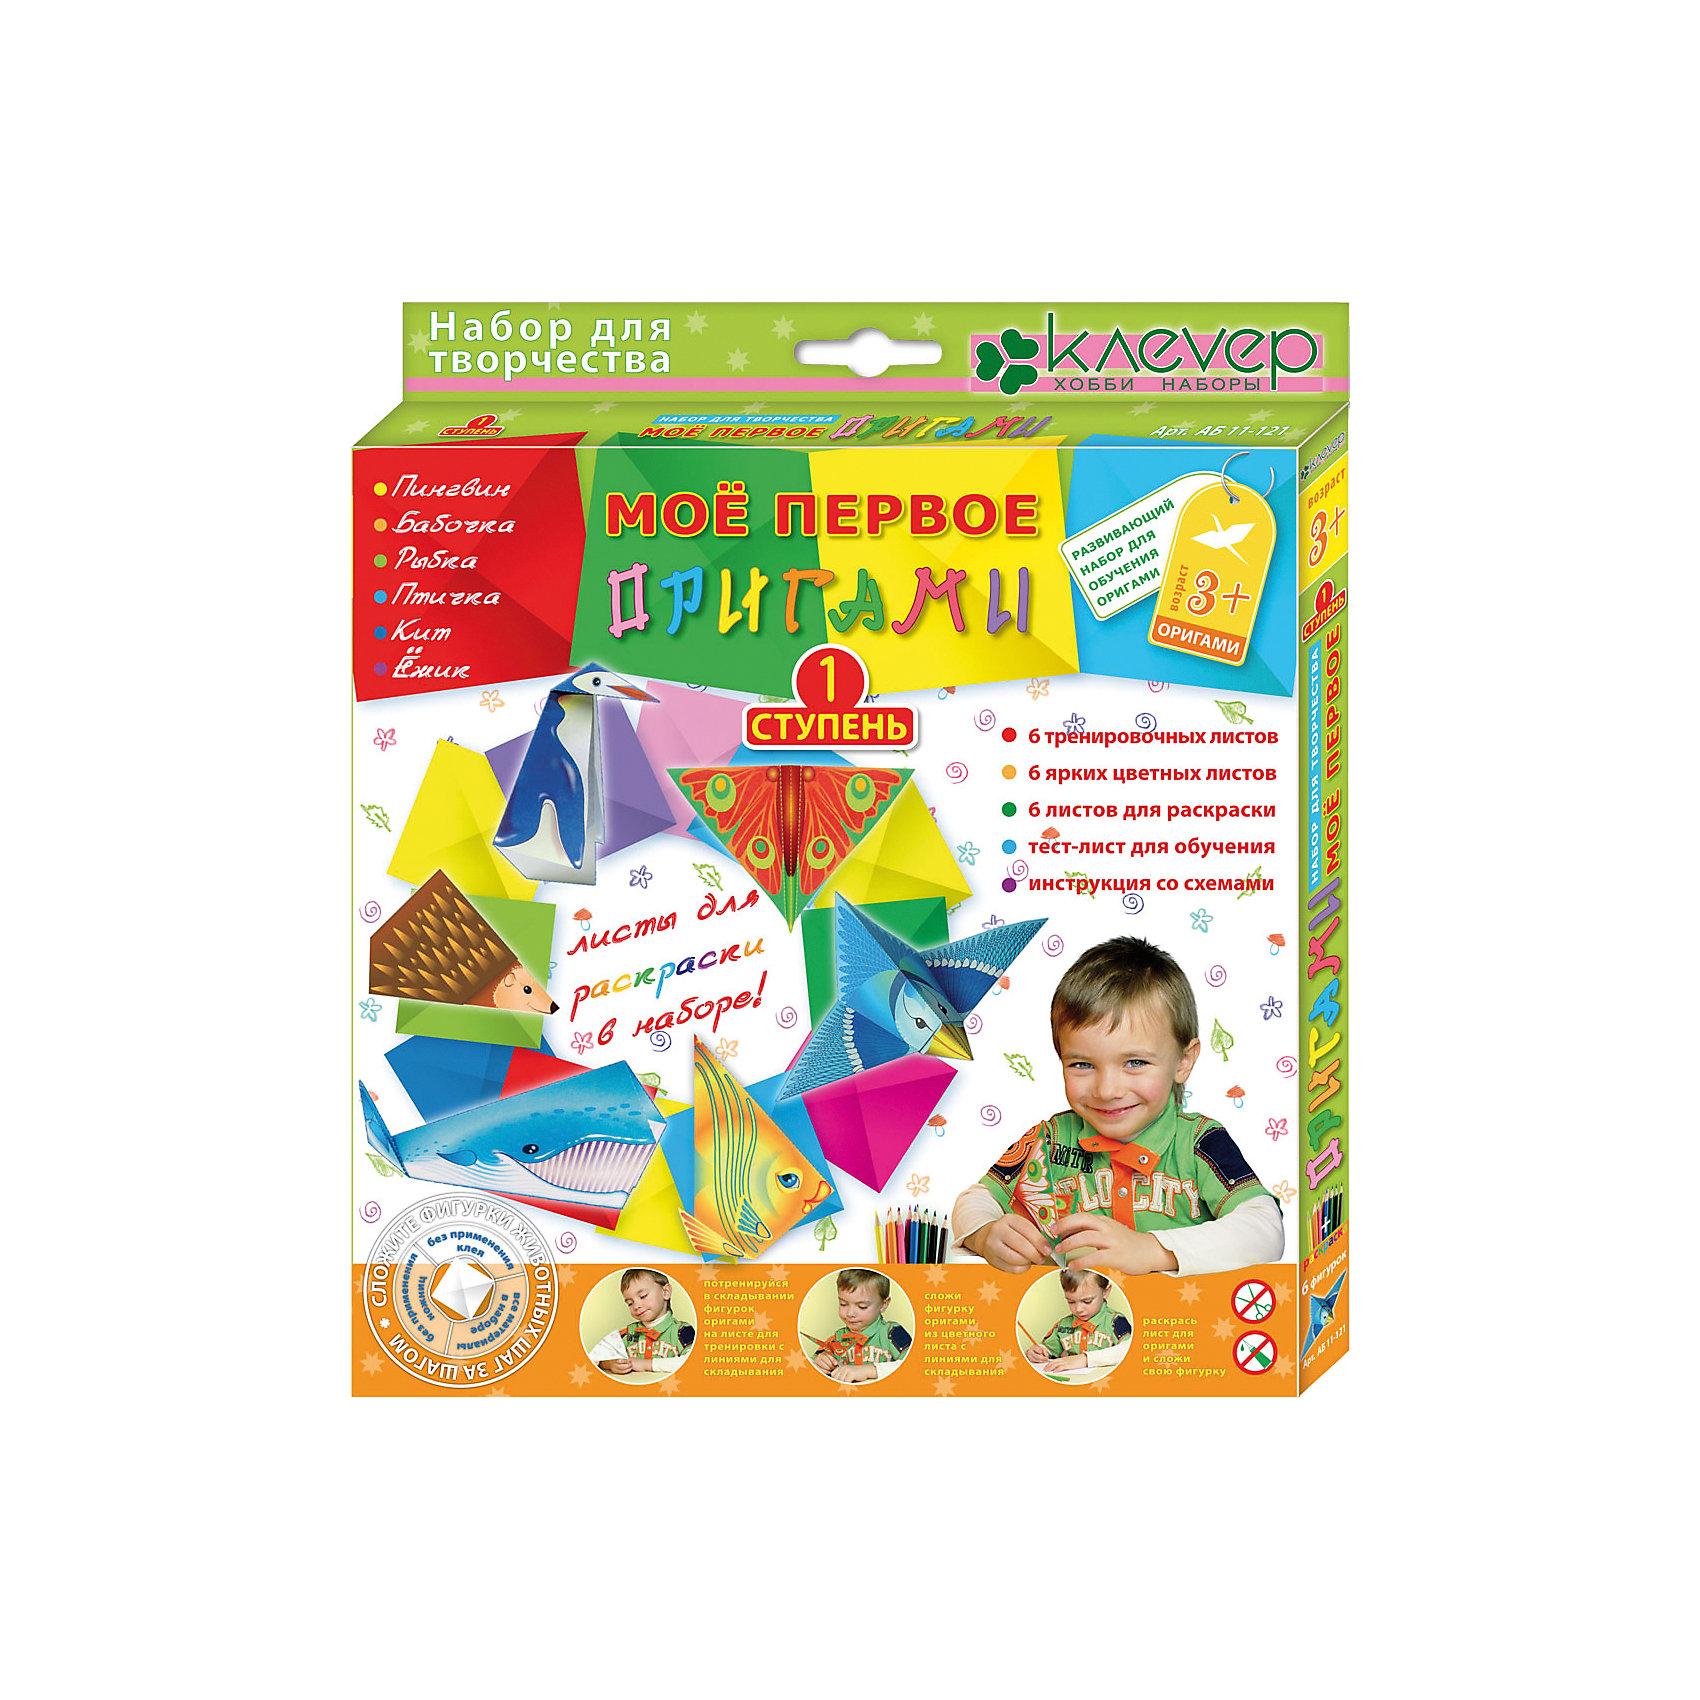 Набор для изготовления фигурок  Мое первое оригами 1-ая ступеньРукоделие<br>6 тренировочных листов, 6 цветных листов, 6 листов для раскраски – все листы с пунктирными линиями для облегчения складывания, 1 тест-лист для обучения оригами, книжка-инструкция<br><br>Ширина мм: 208<br>Глубина мм: 226<br>Высота мм: 180<br>Вес г: 98<br>Возраст от месяцев: 36<br>Возраст до месяцев: 60<br>Пол: Унисекс<br>Возраст: Детский<br>SKU: 5541591